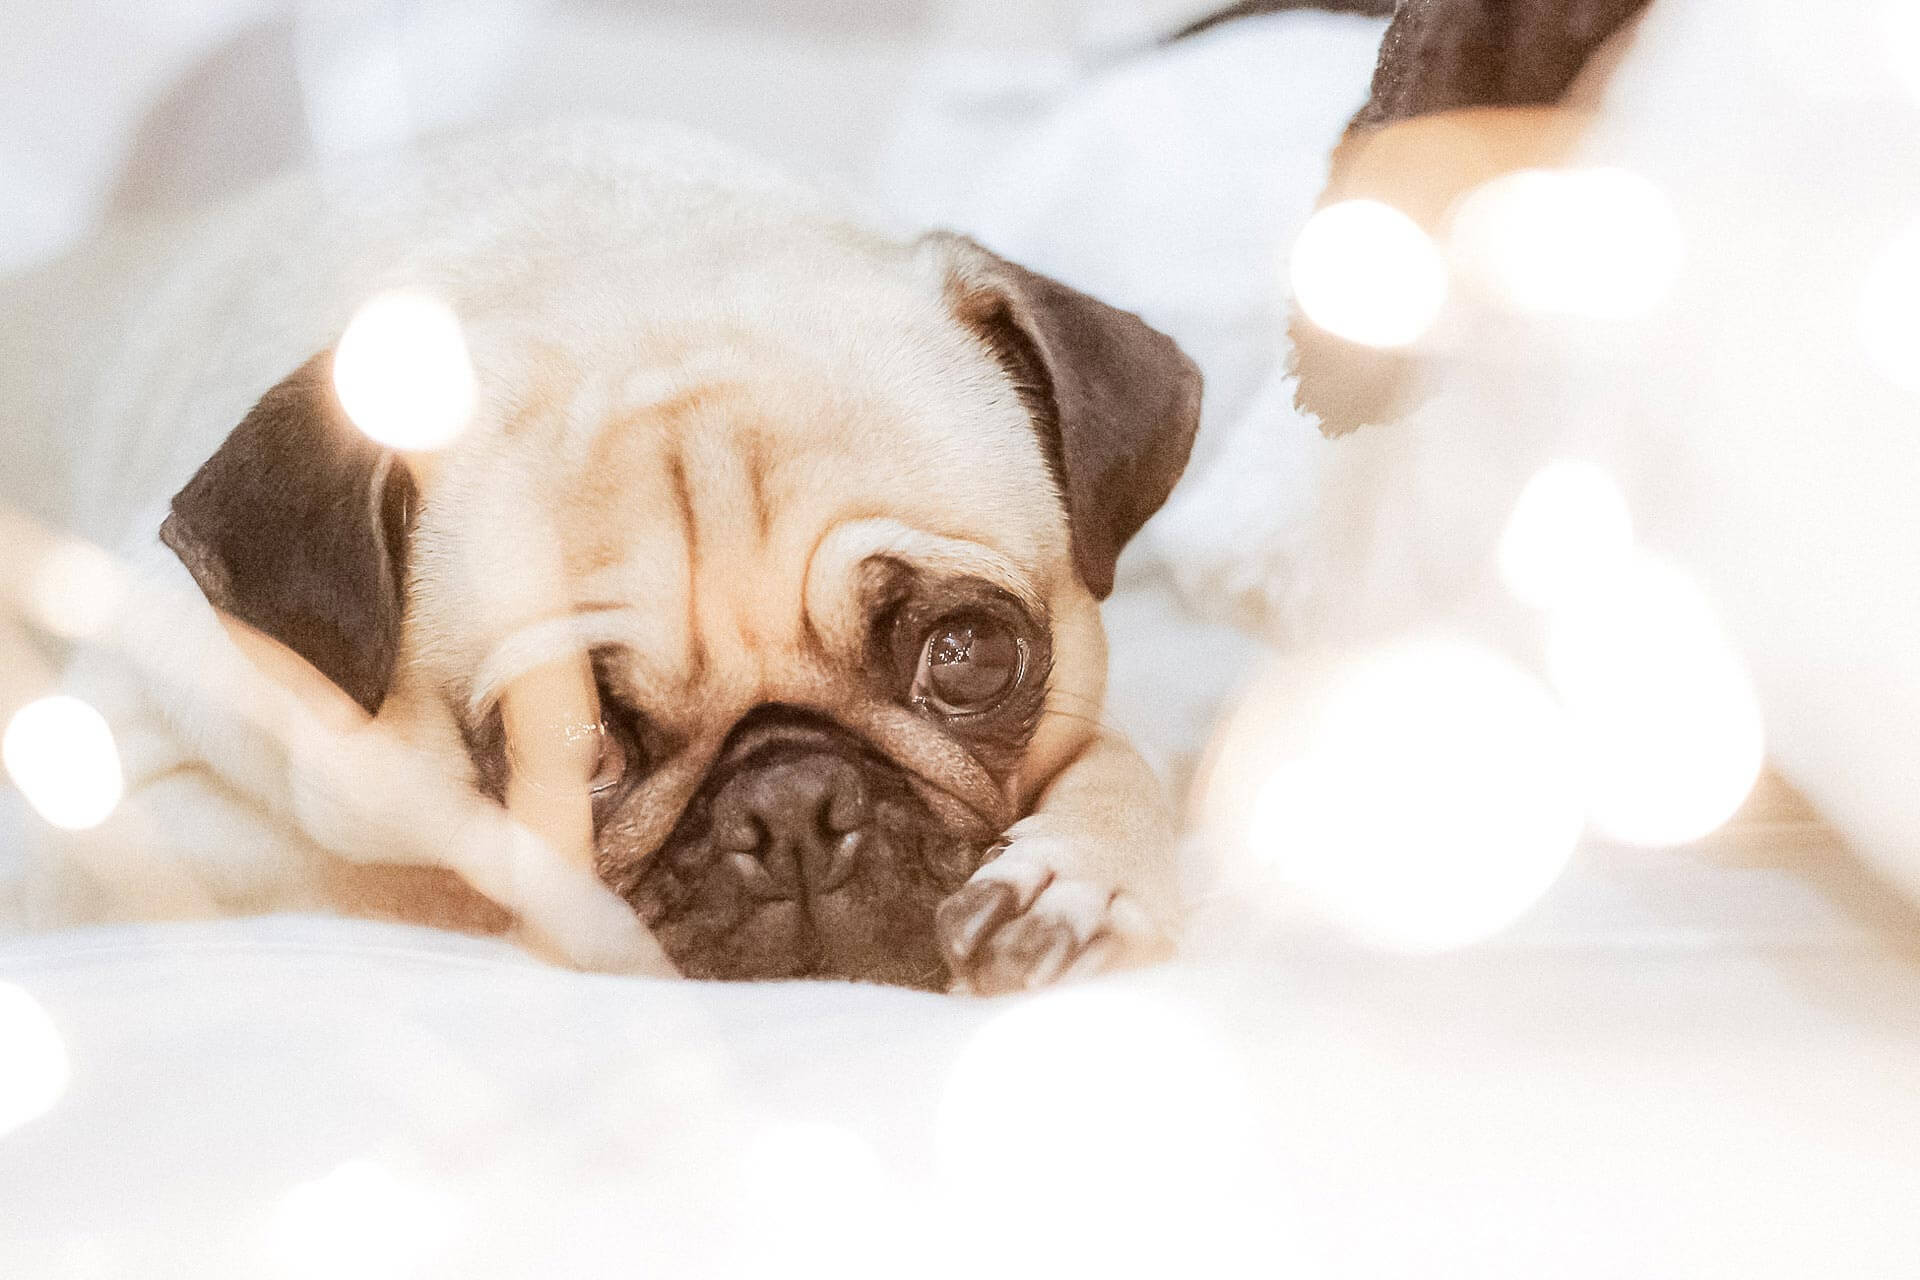 Hund klaut Socken - Gründe warum dein Hund das tut